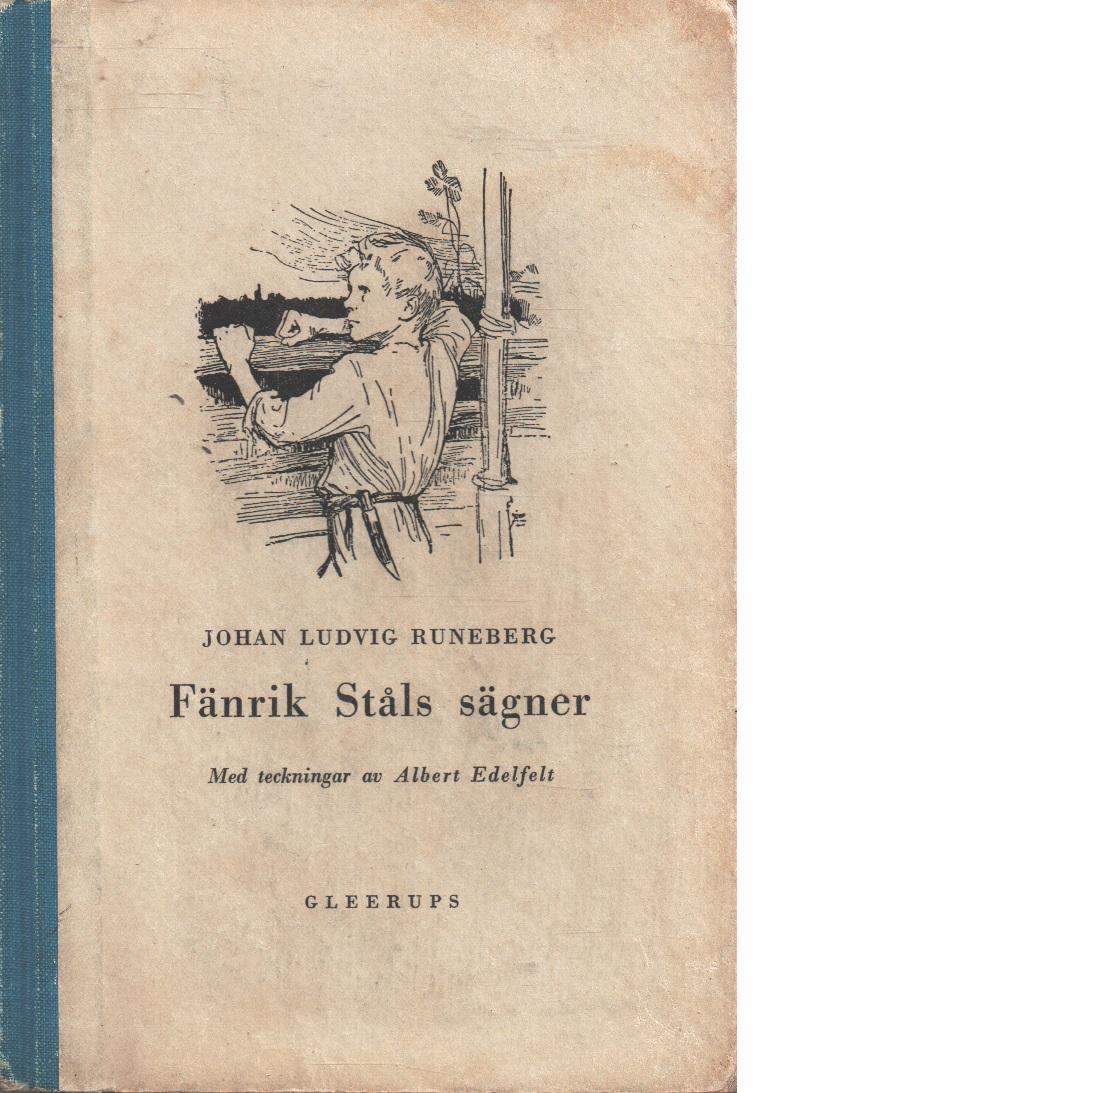 Fänrik Ståls sägner - Runeberg, Johan Ludvig